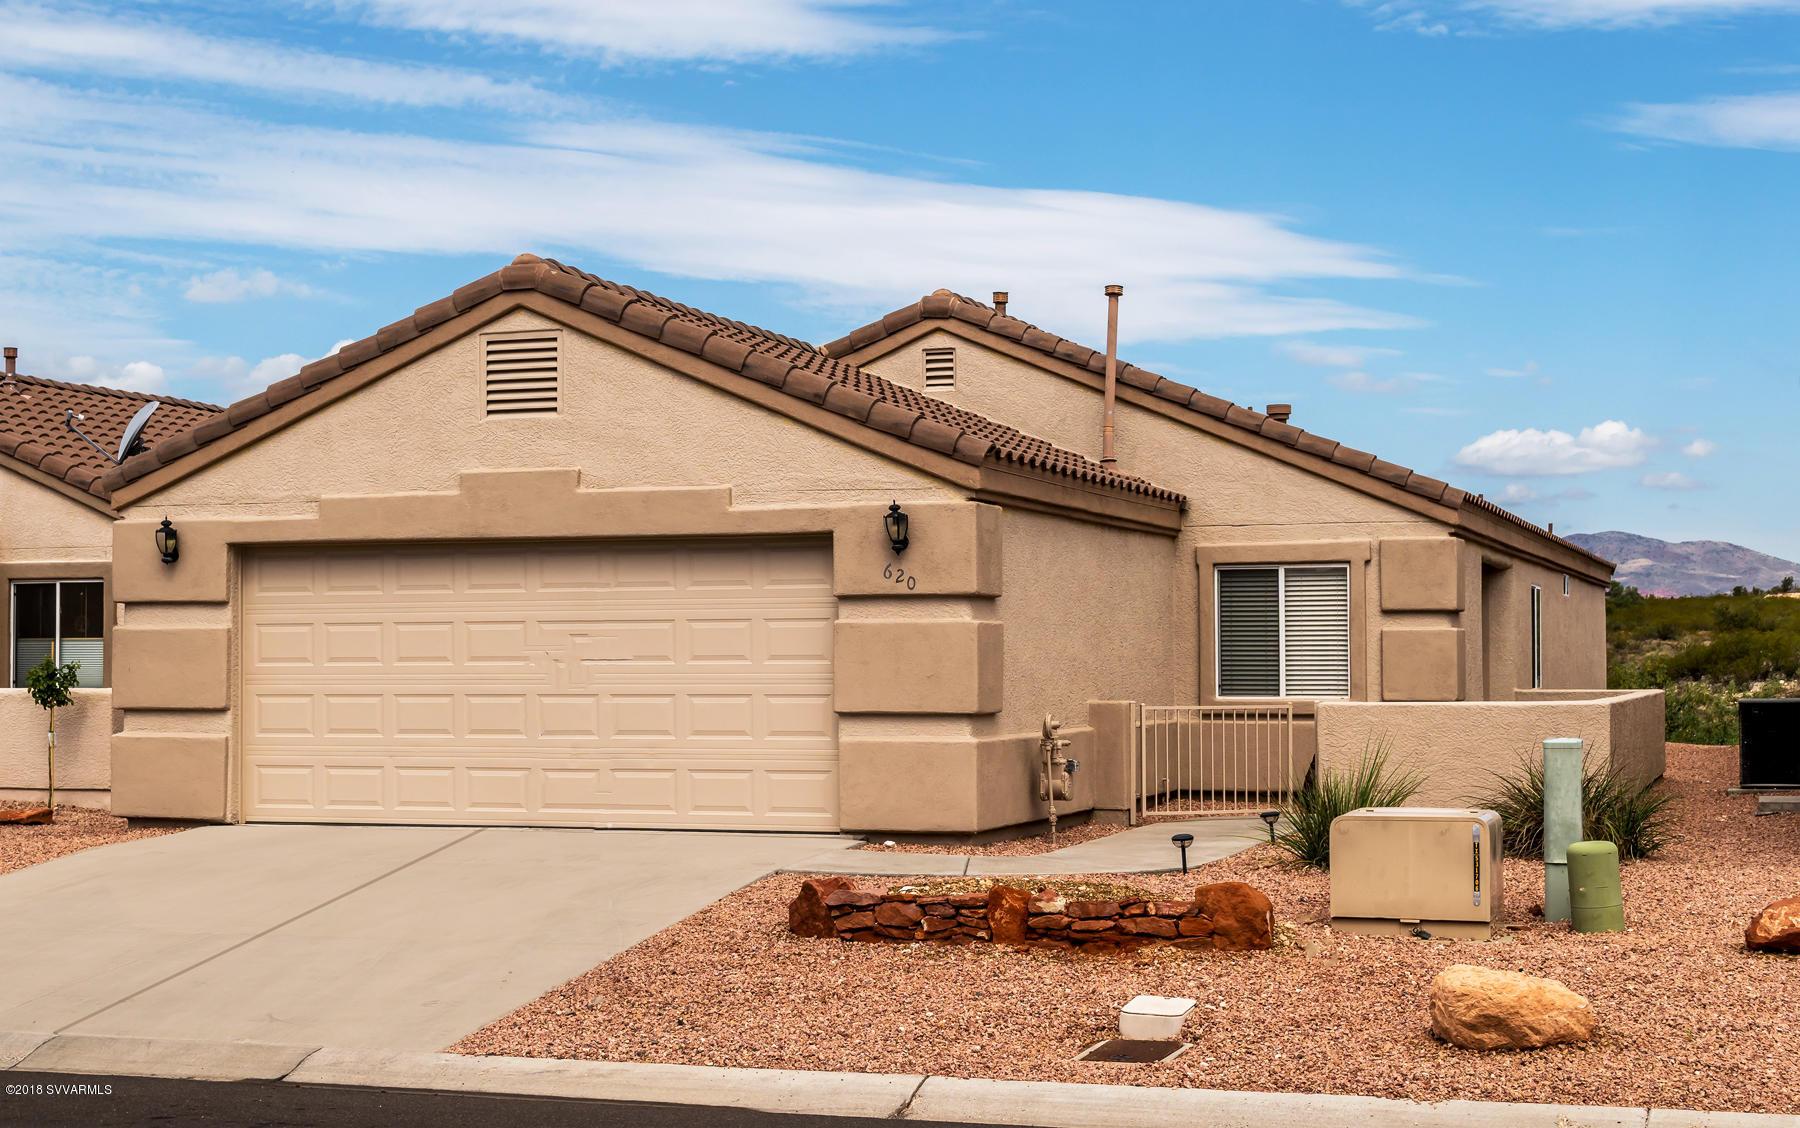 620 S La Mirada Drive Cornville, AZ 86325